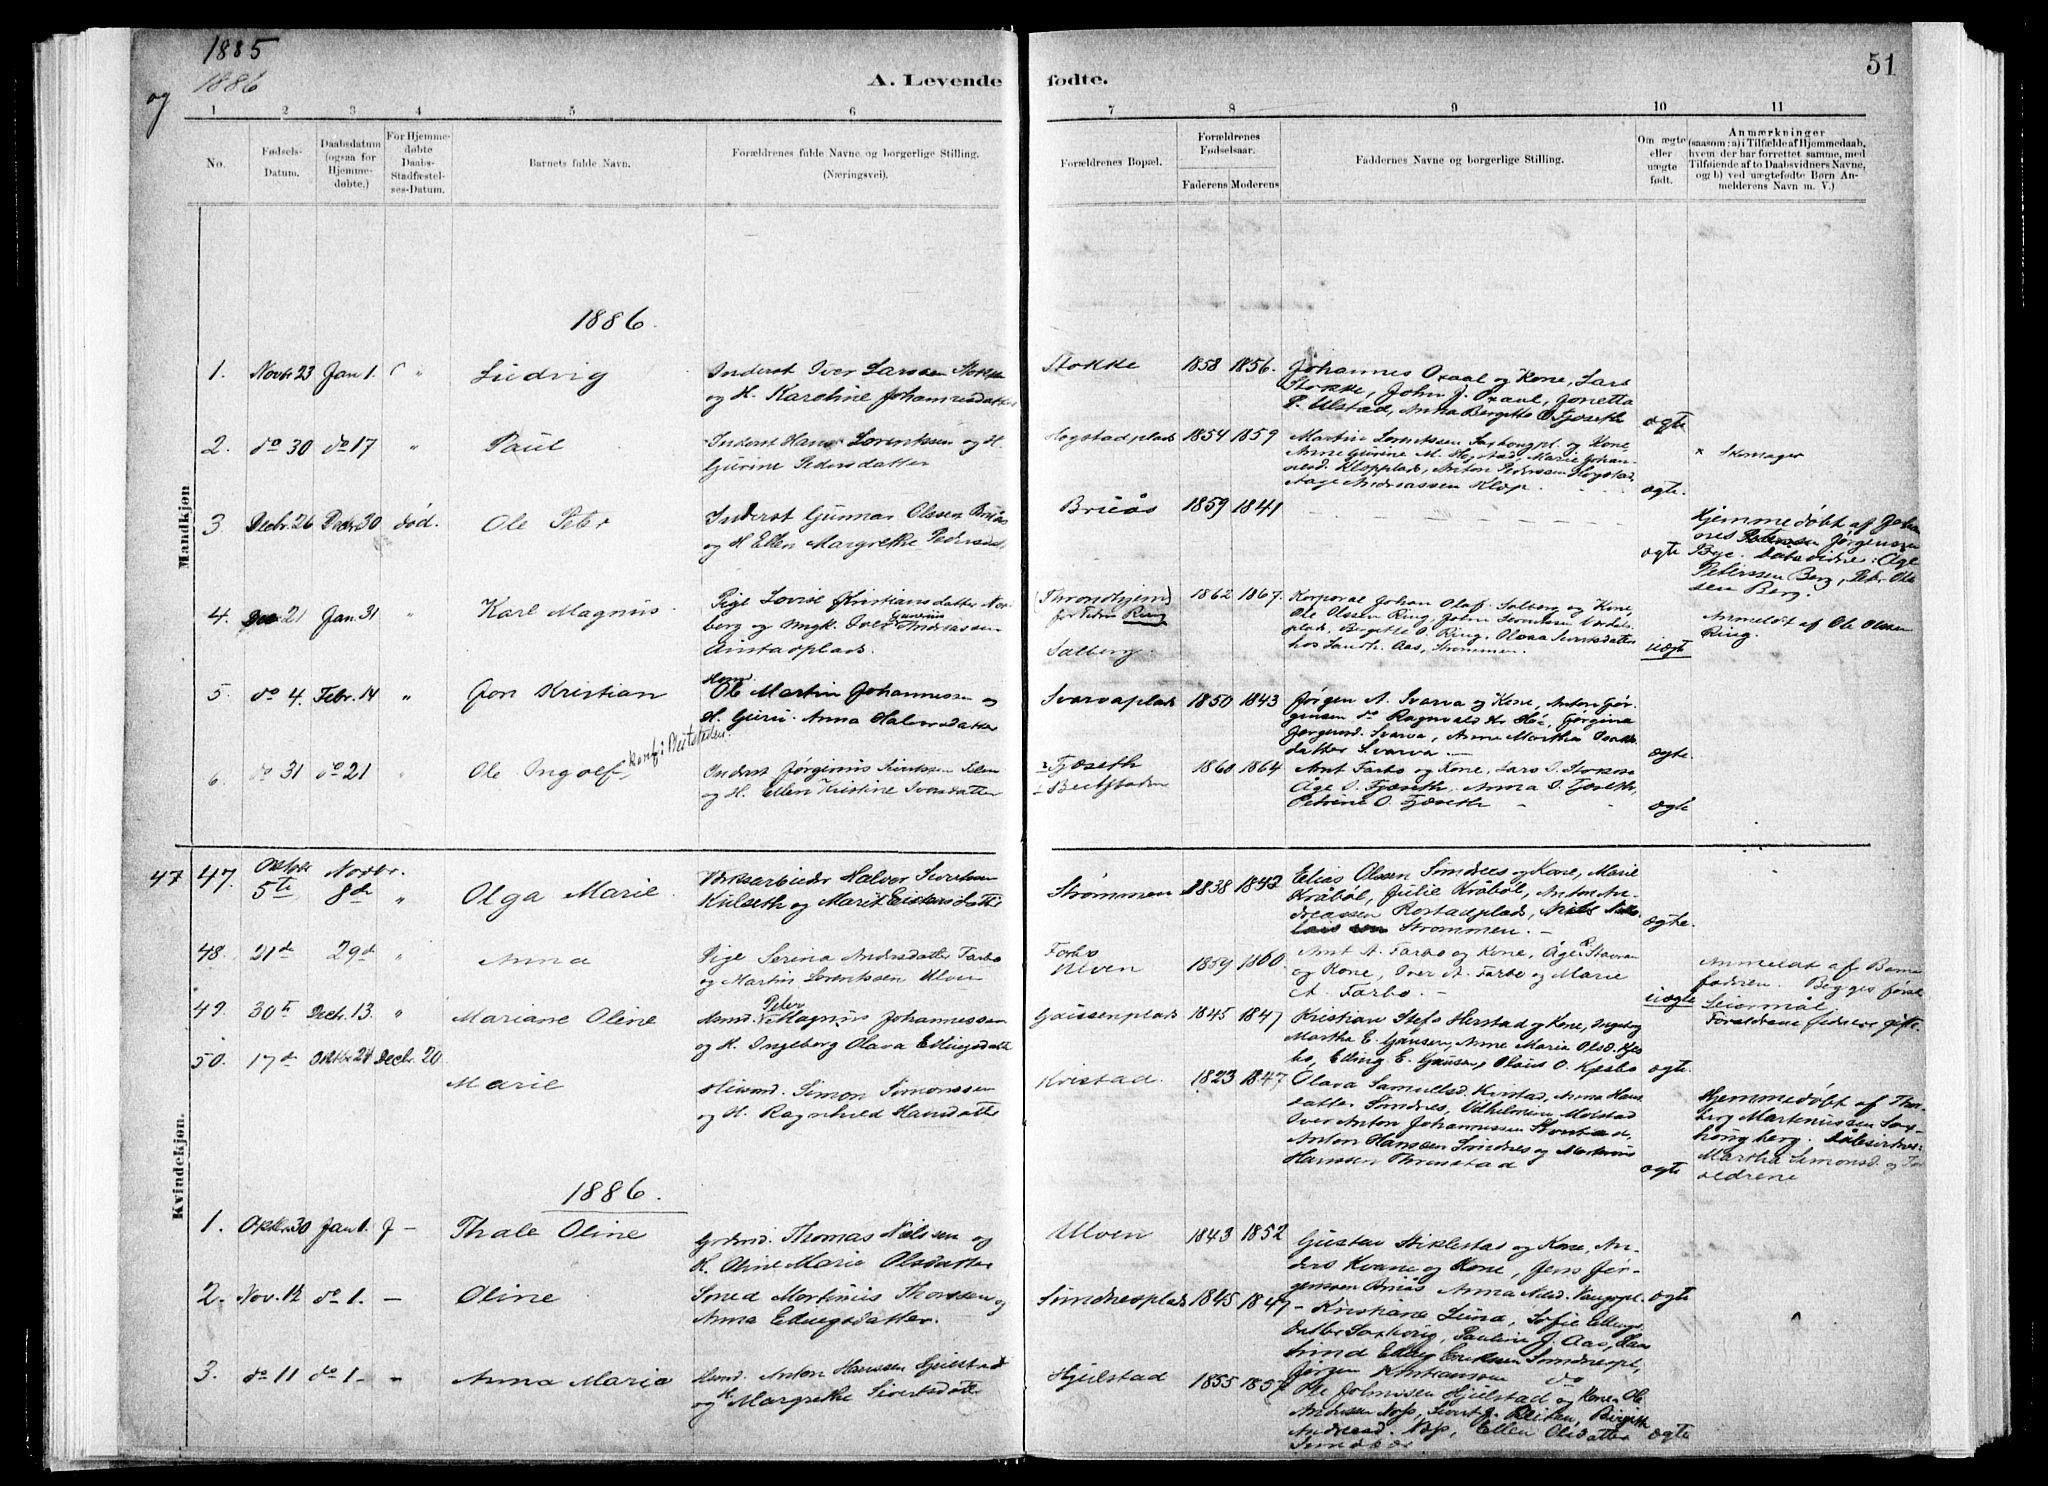 SAT, Ministerialprotokoller, klokkerbøker og fødselsregistre - Nord-Trøndelag, 730/L0285: Ministerialbok nr. 730A10, 1879-1914, s. 51